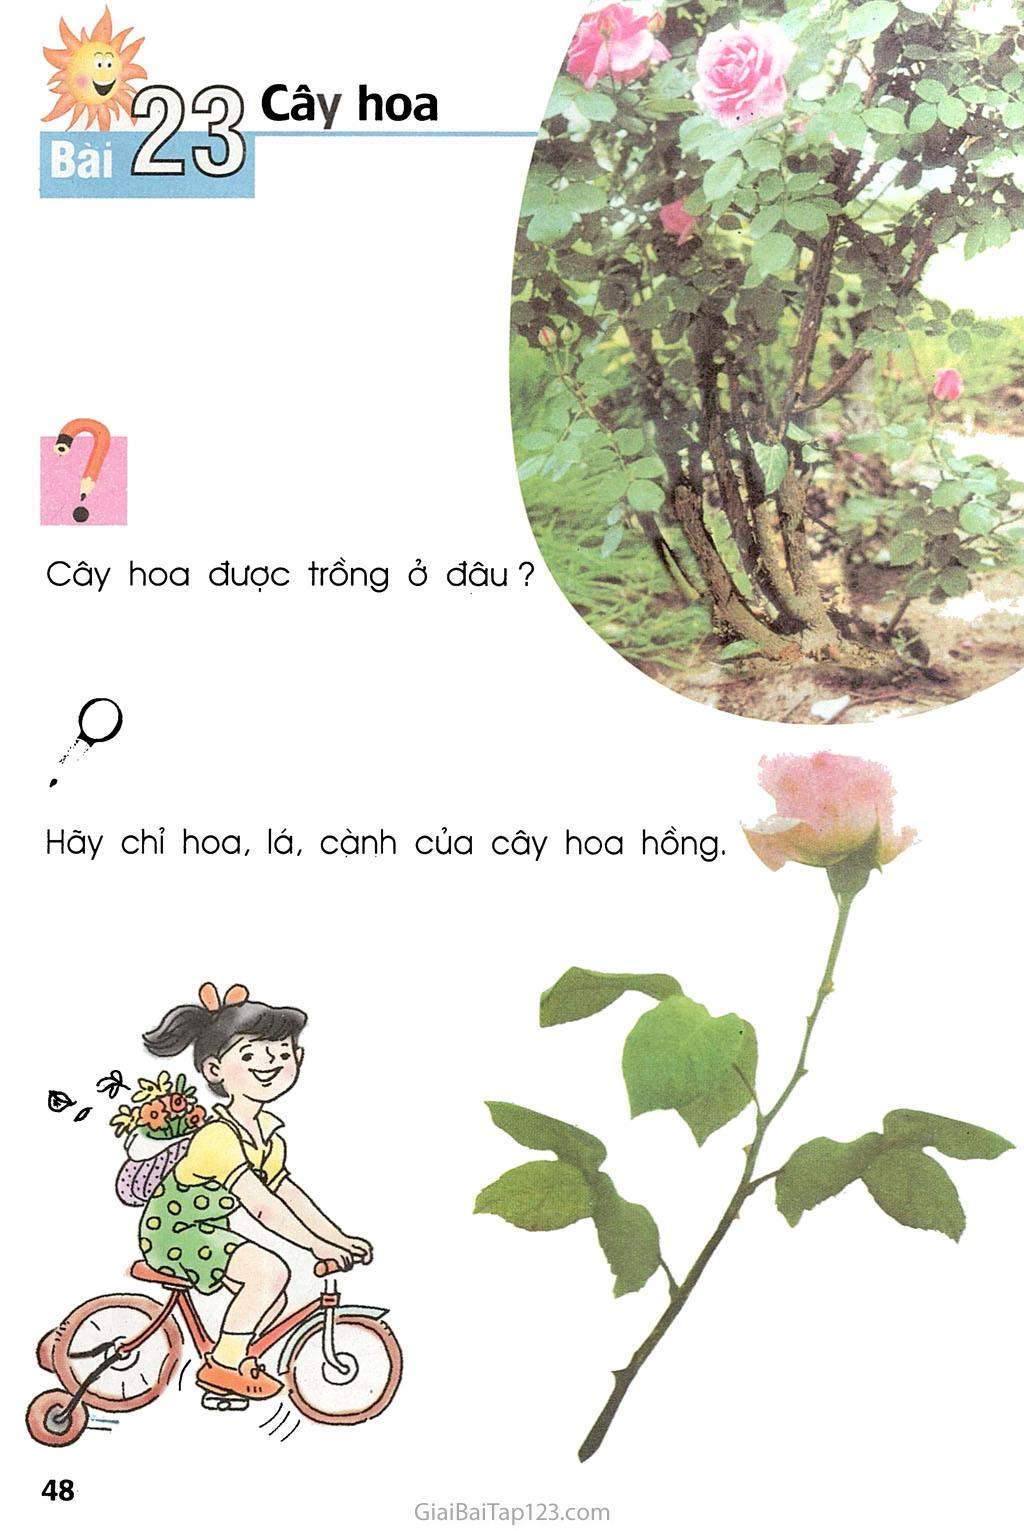 Bài 23. Cây hoa trang 1